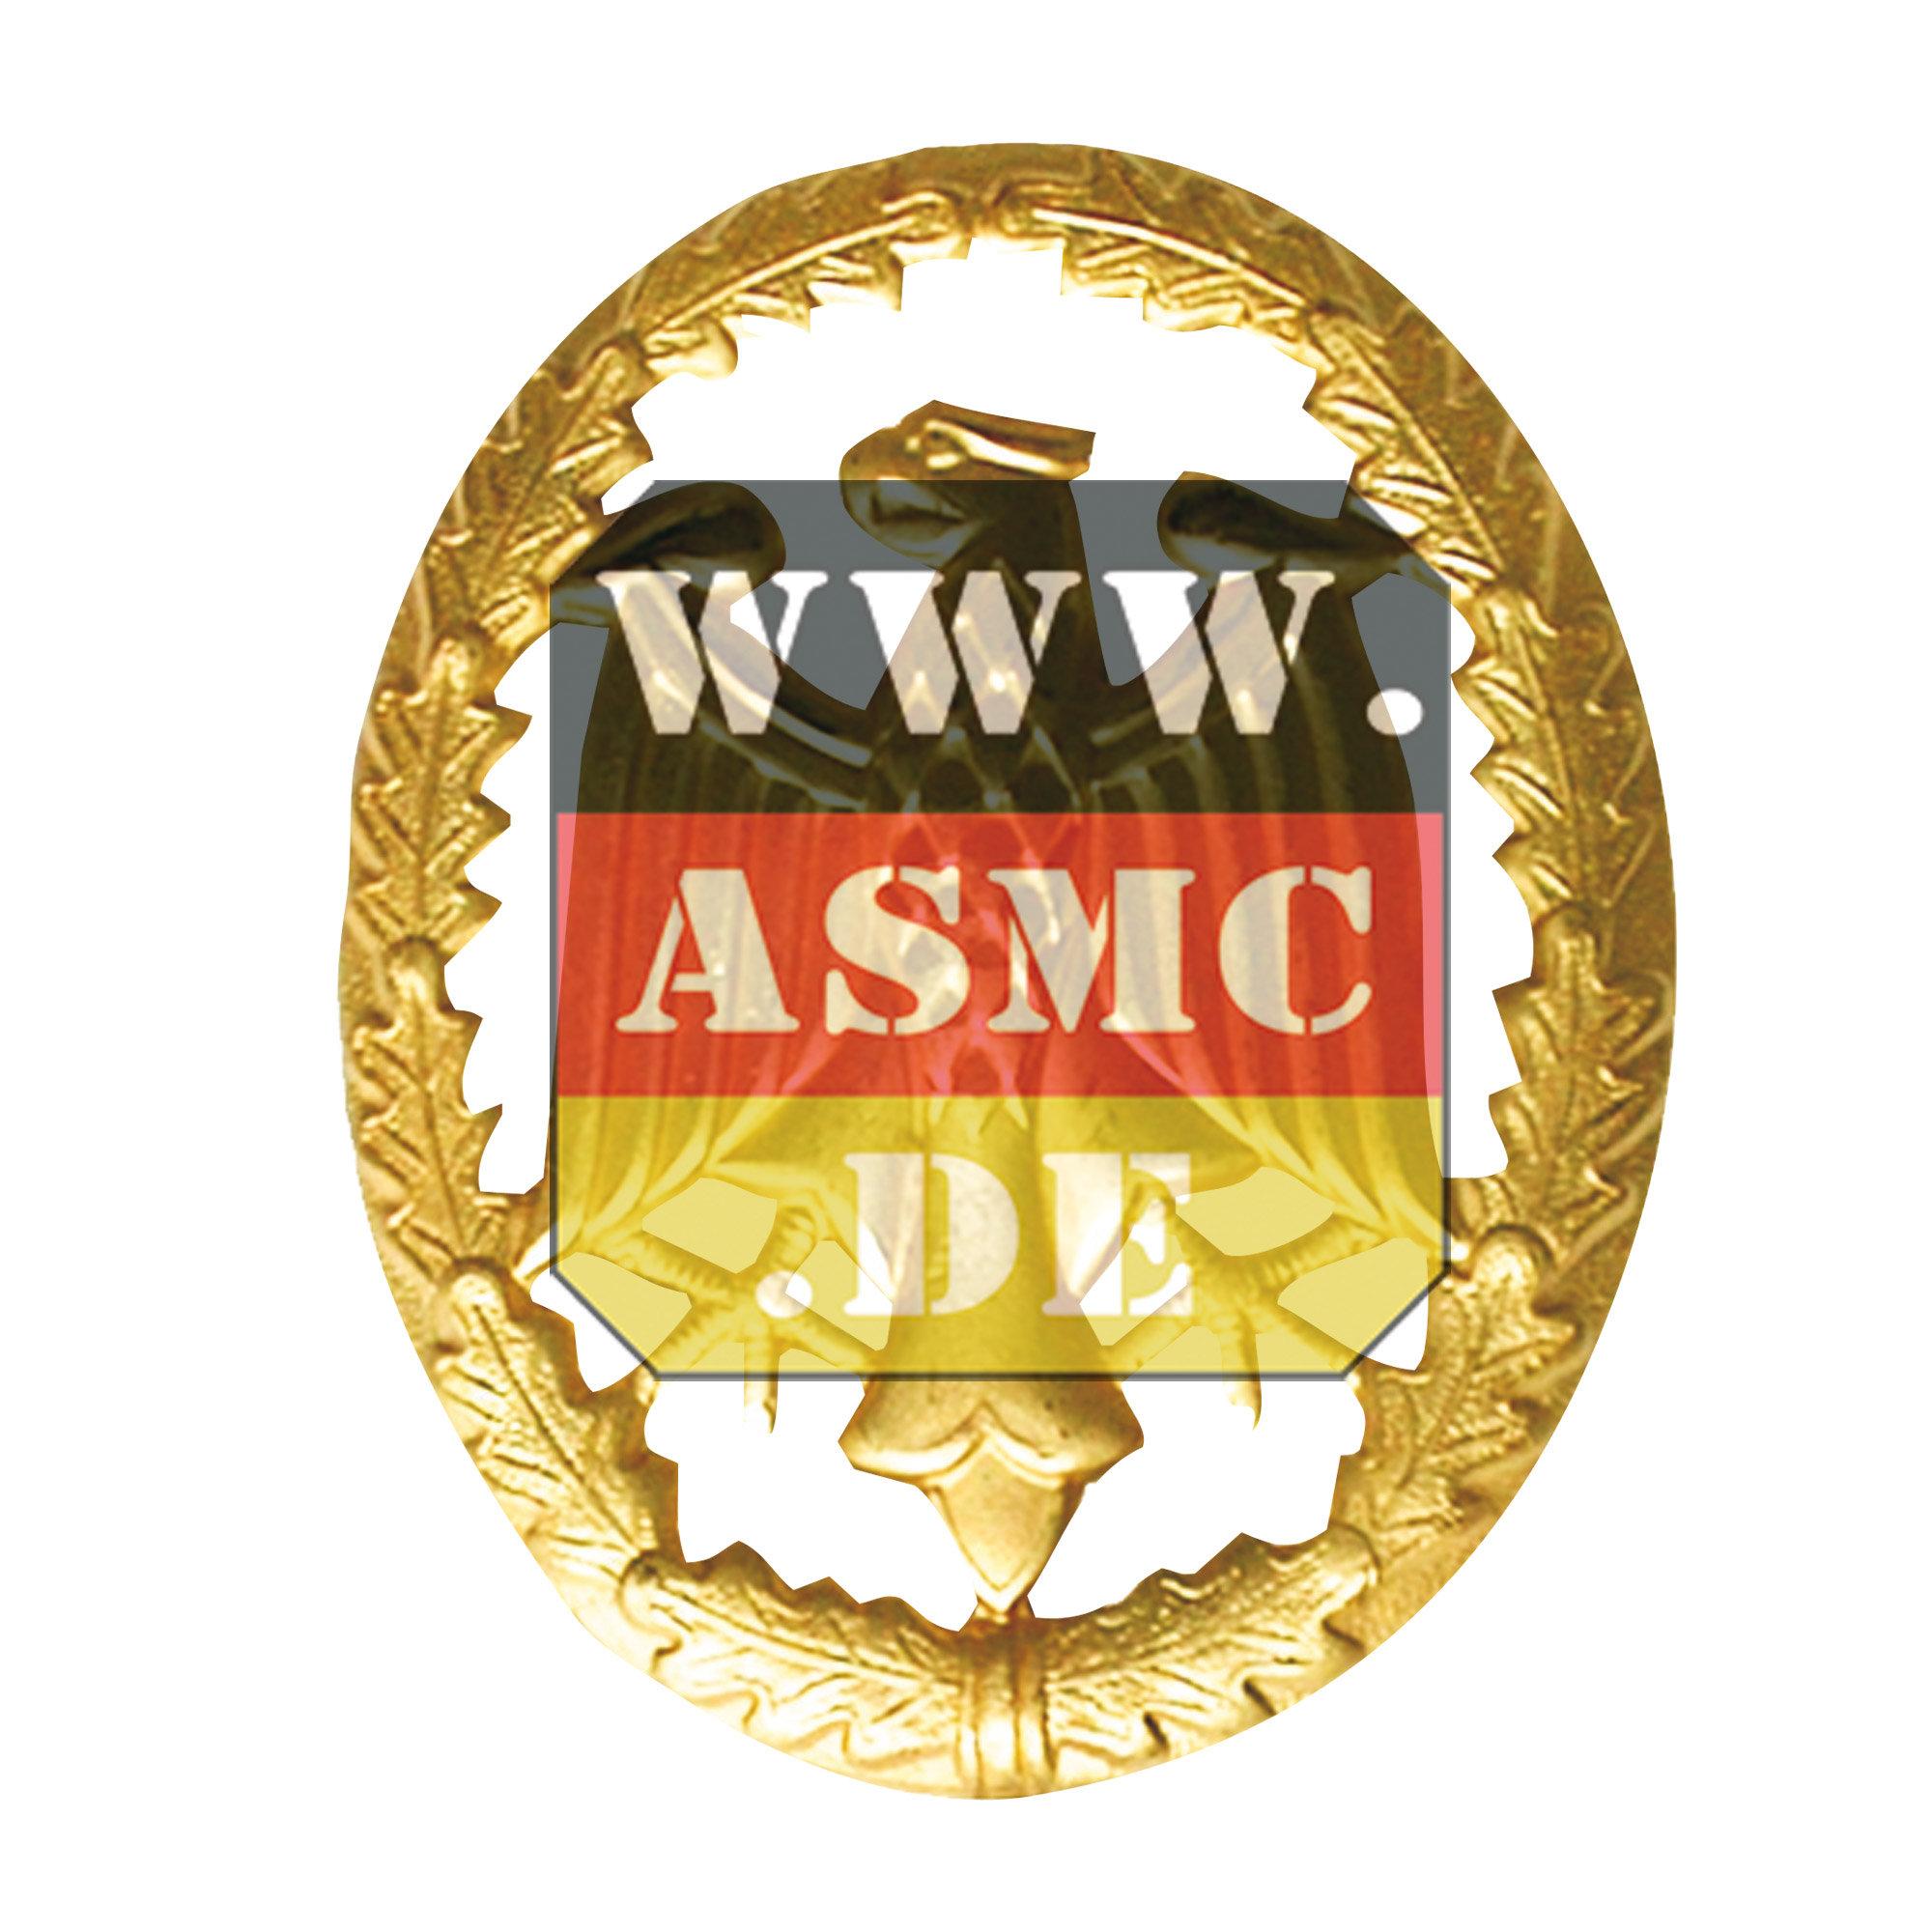 Leistungsabzeichen Metall gold